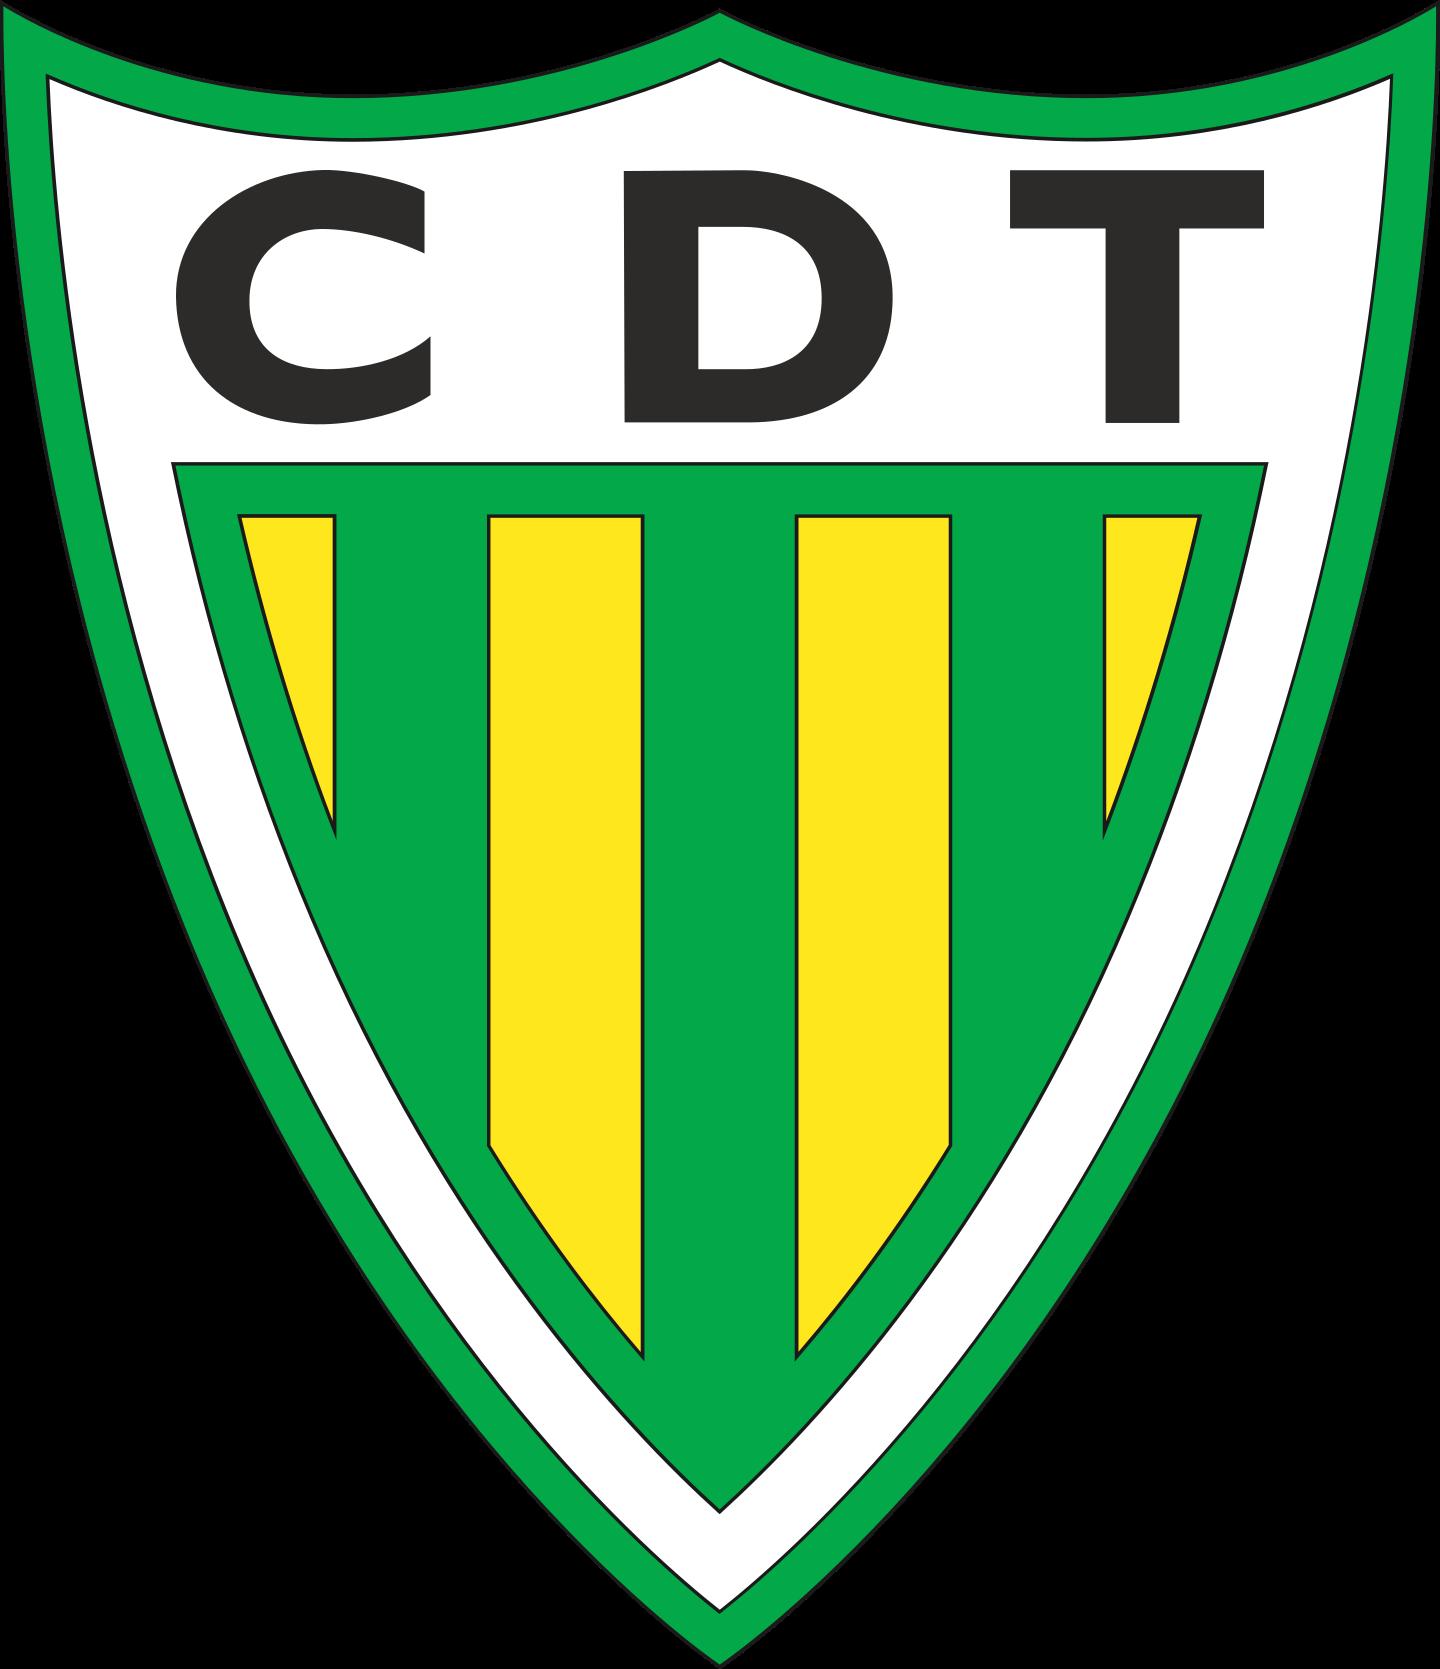 cd tondela logo 2 - Tondela Logo